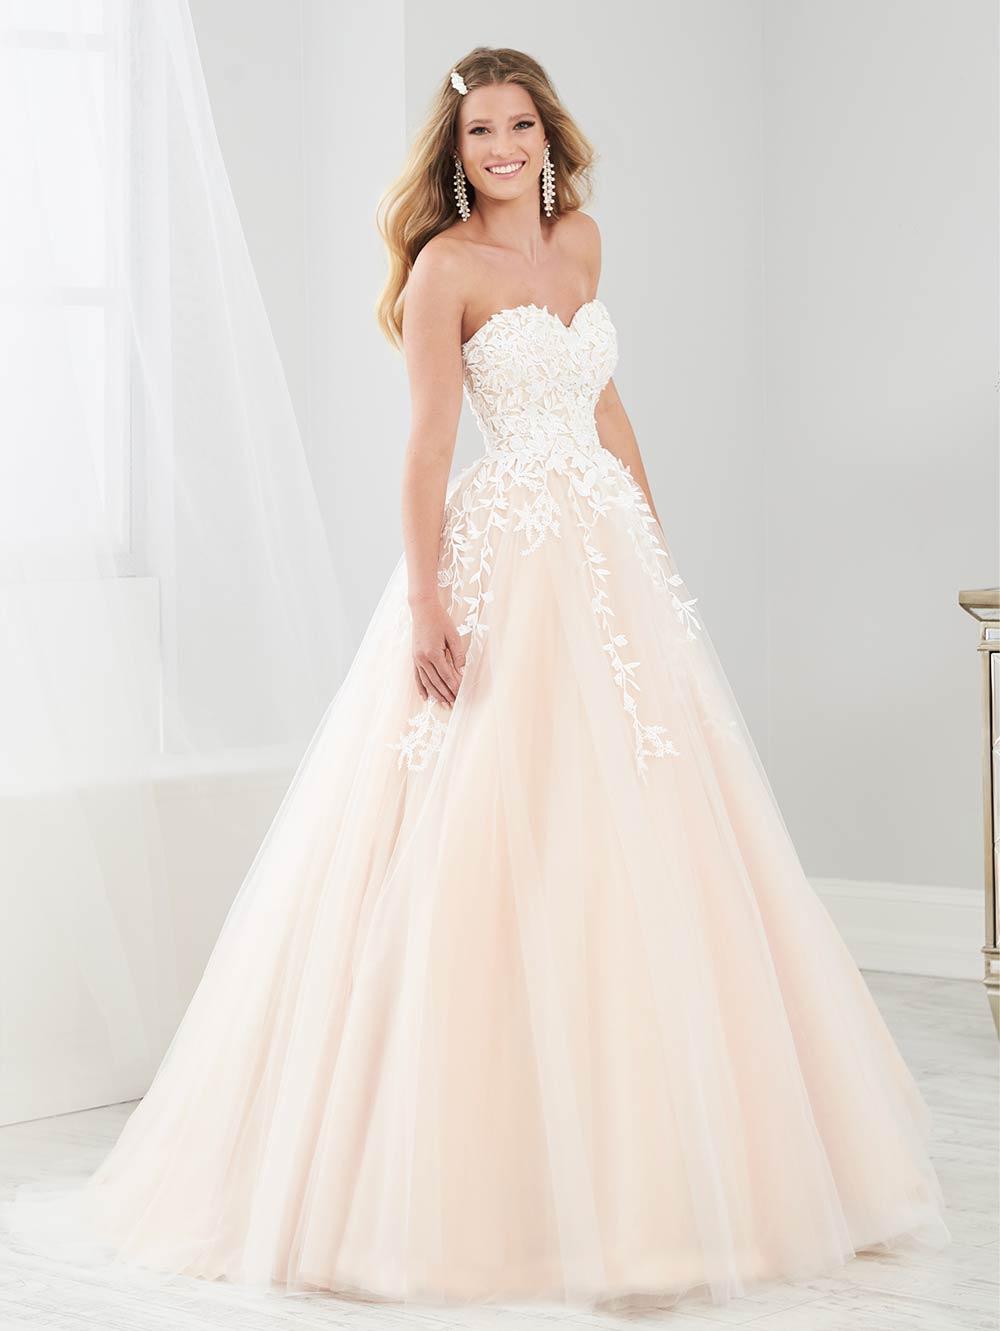 prom-dresses-jacquelin-bridals-canada-27890